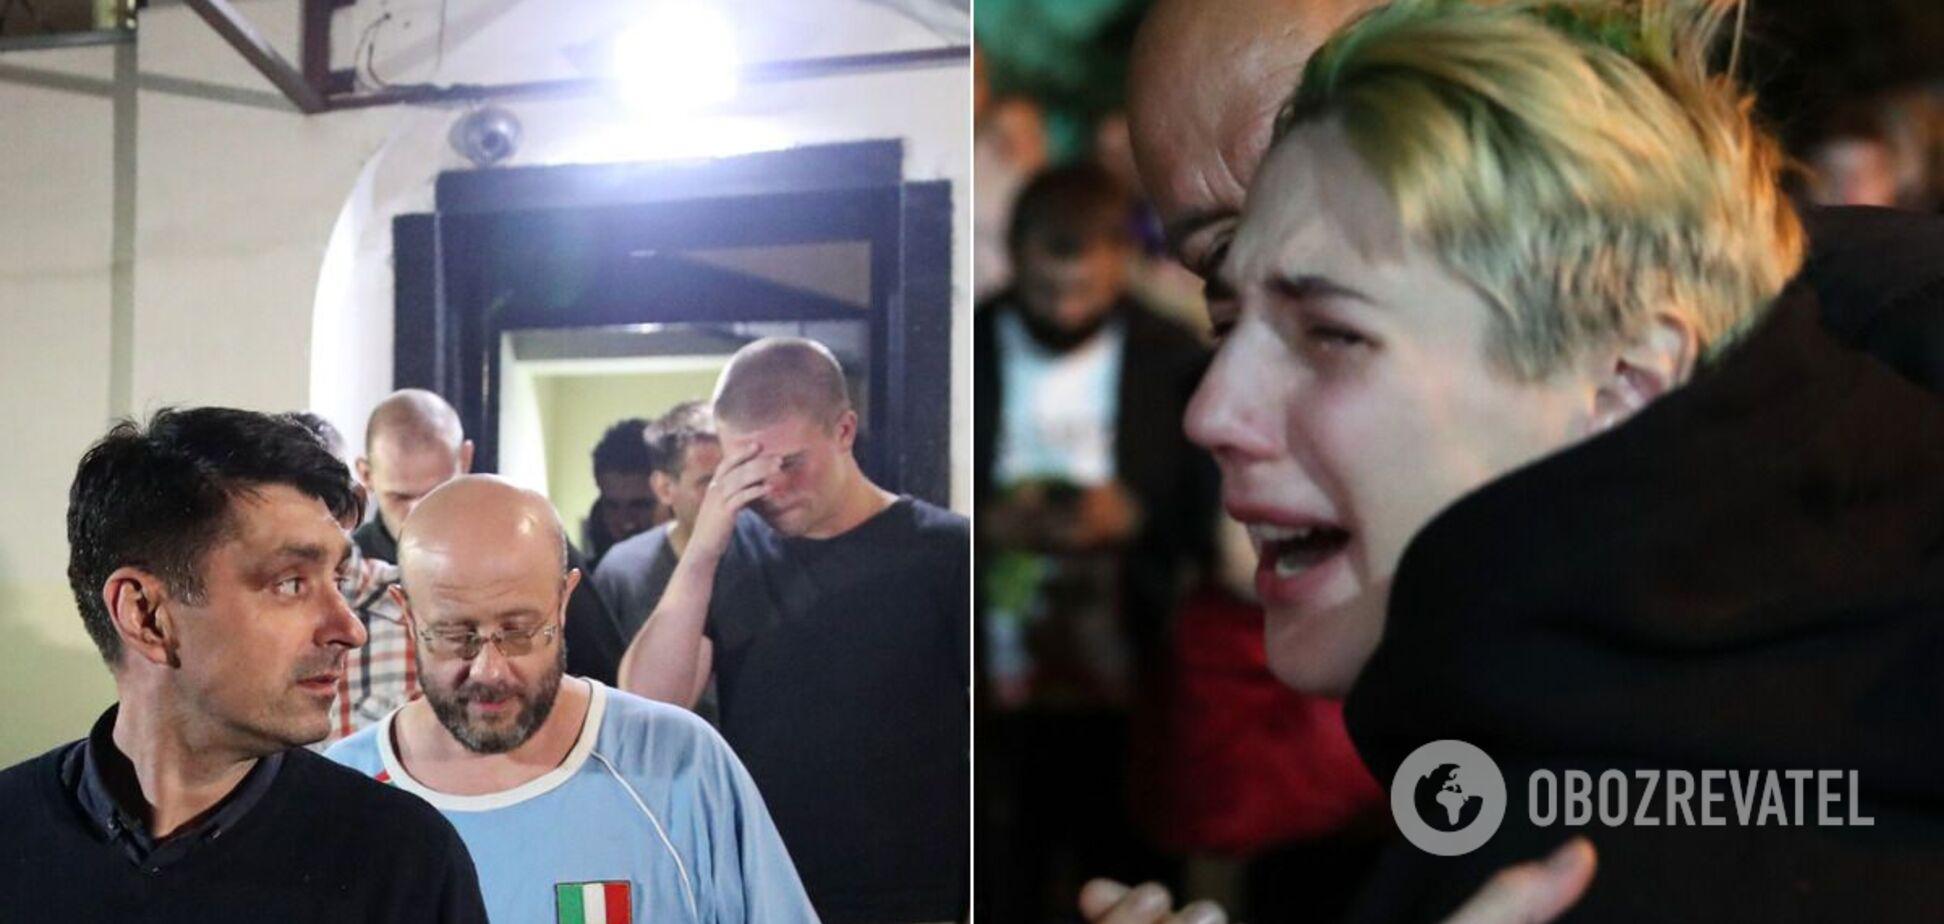 Задержанных в Минске выпустили из изолятора